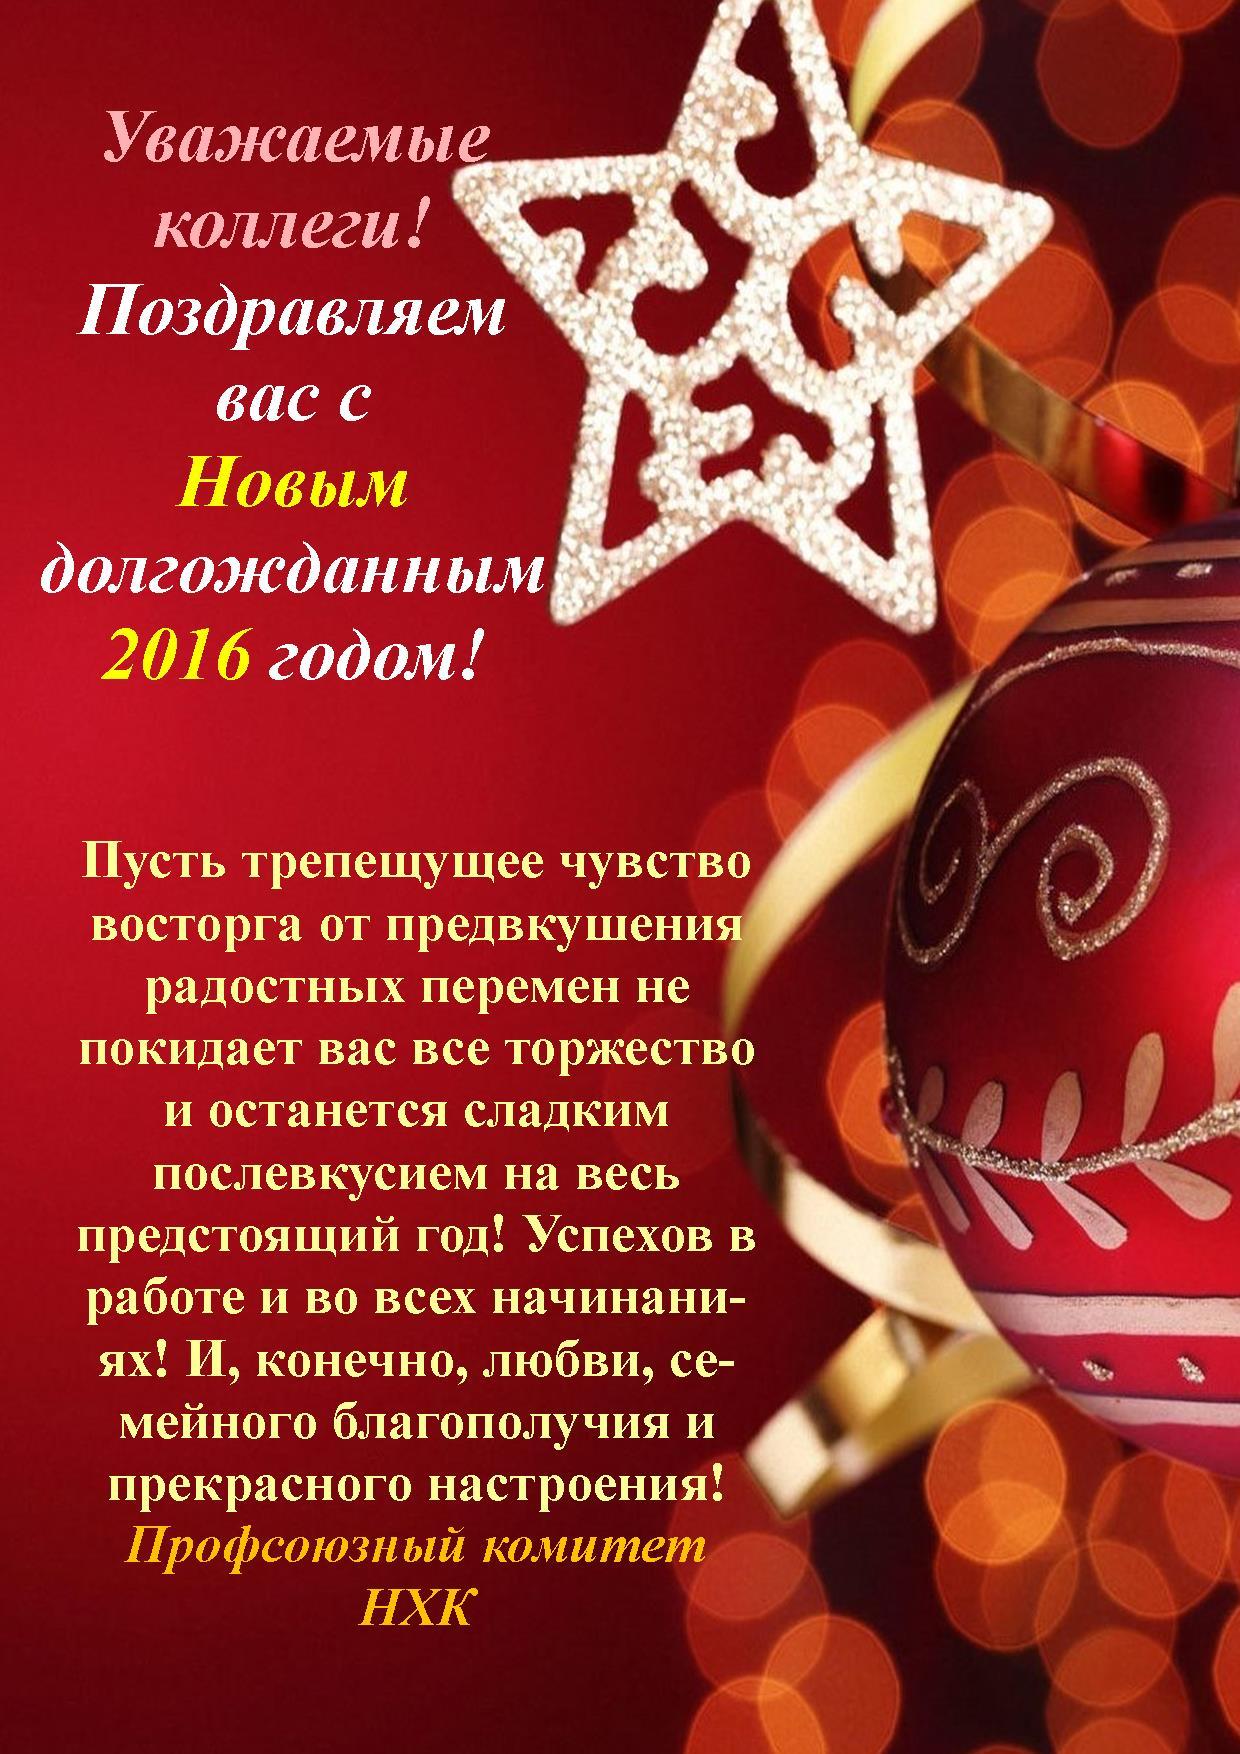 Поздравления от профсоюза коллективу 34